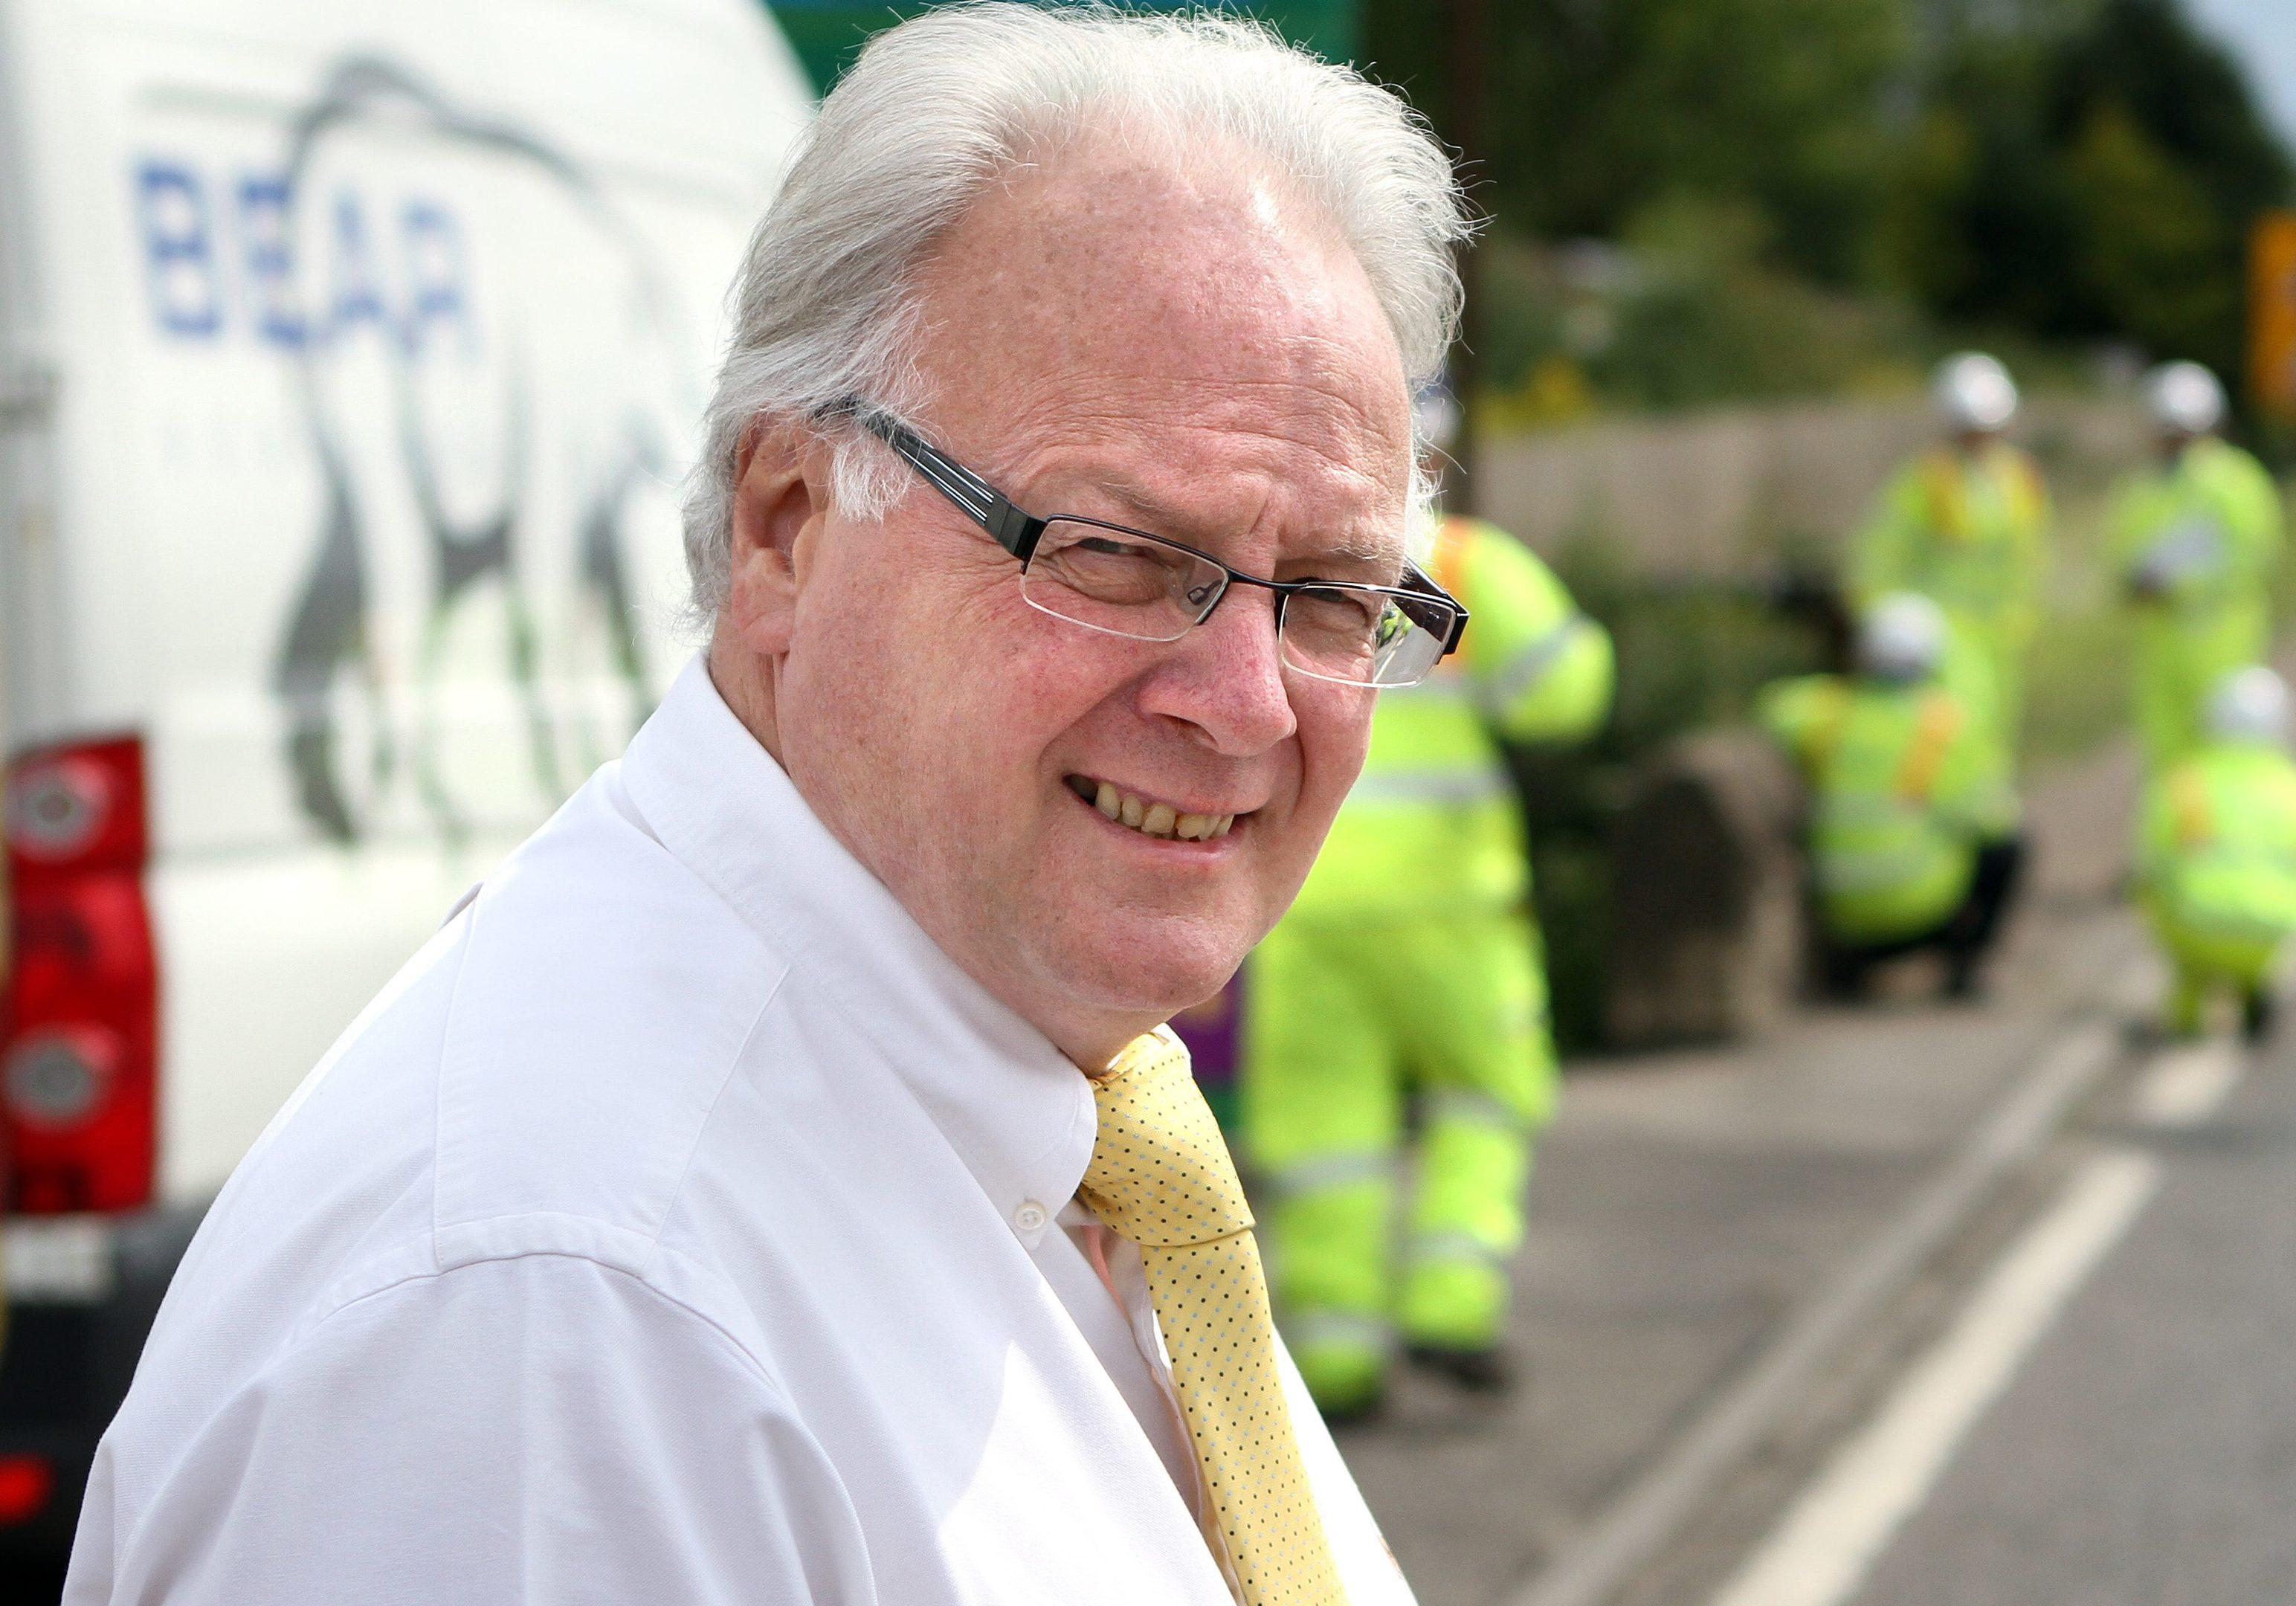 Councillor David McDiarmid